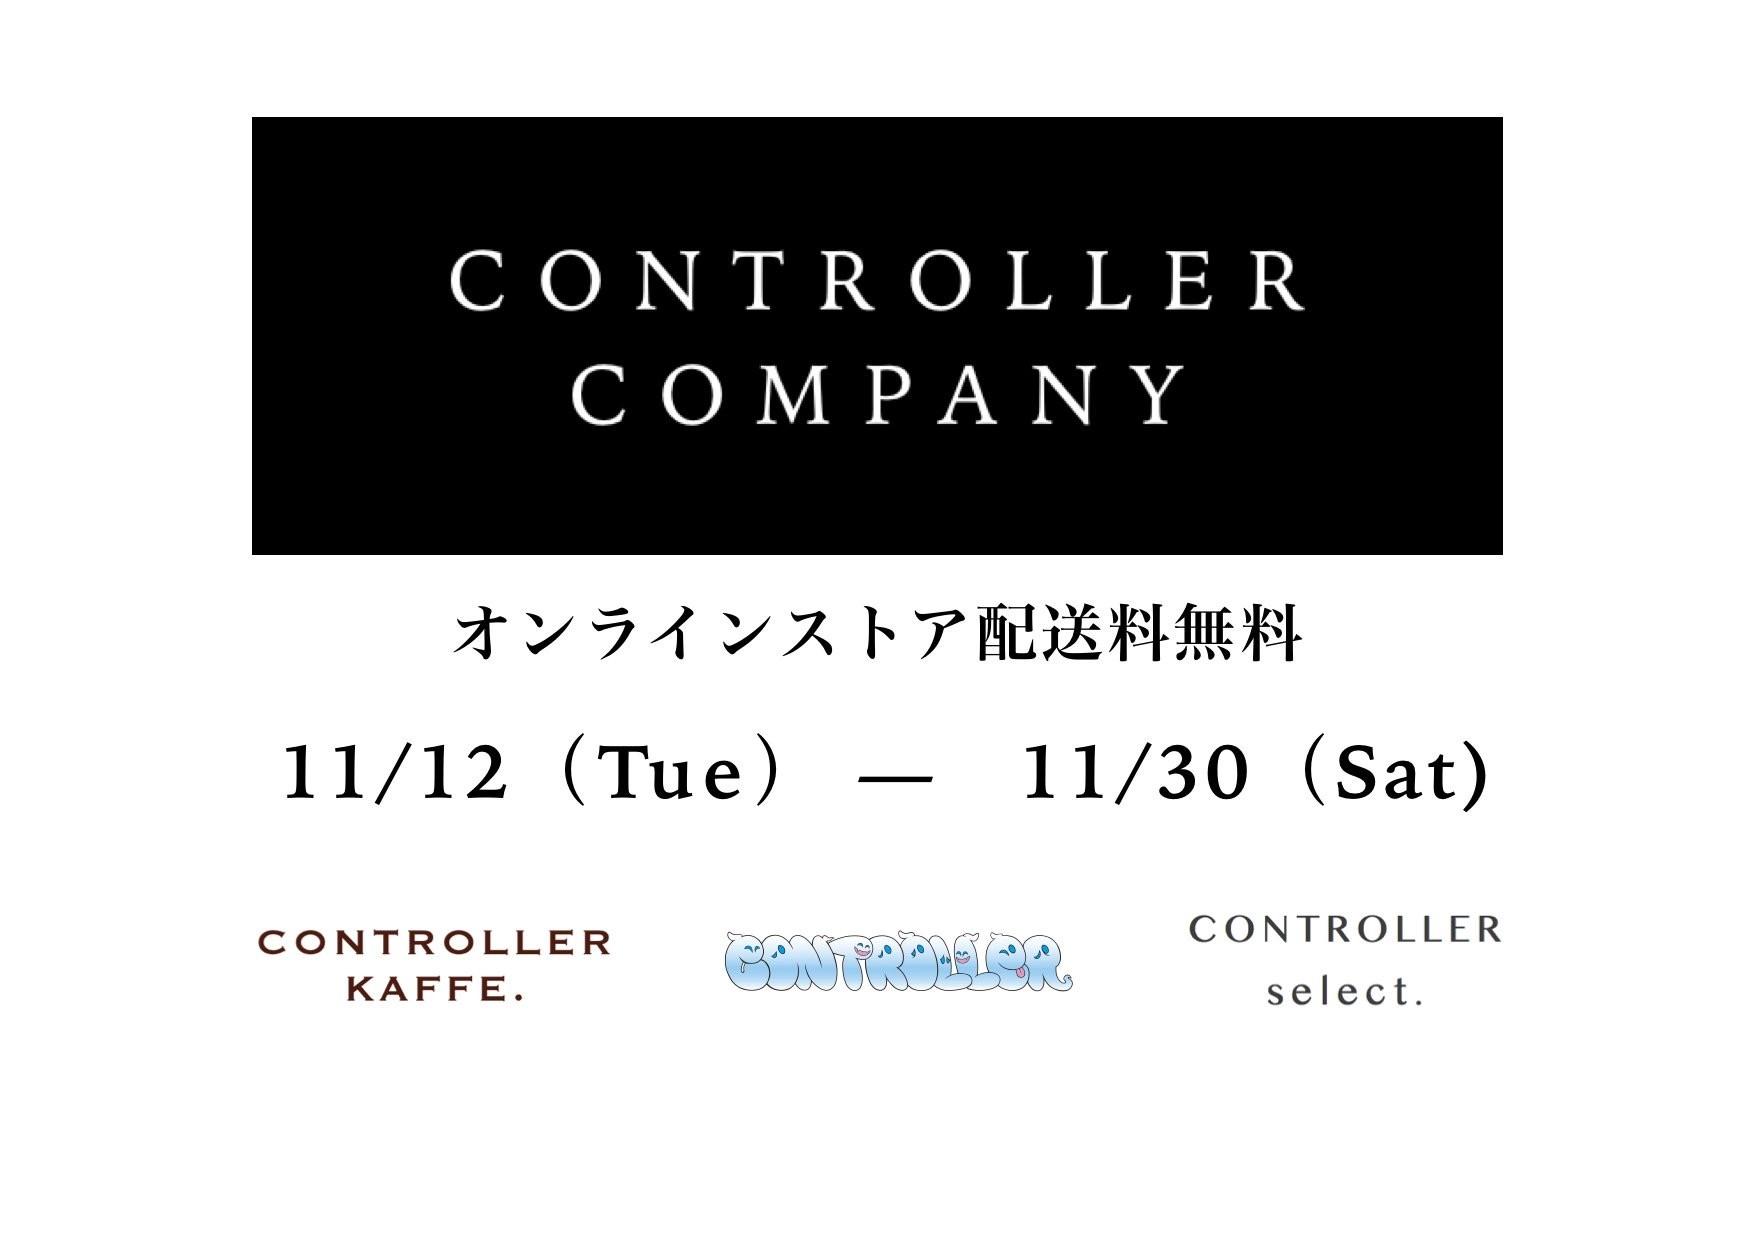 配送料無料キャンペーン (11月30日まで)